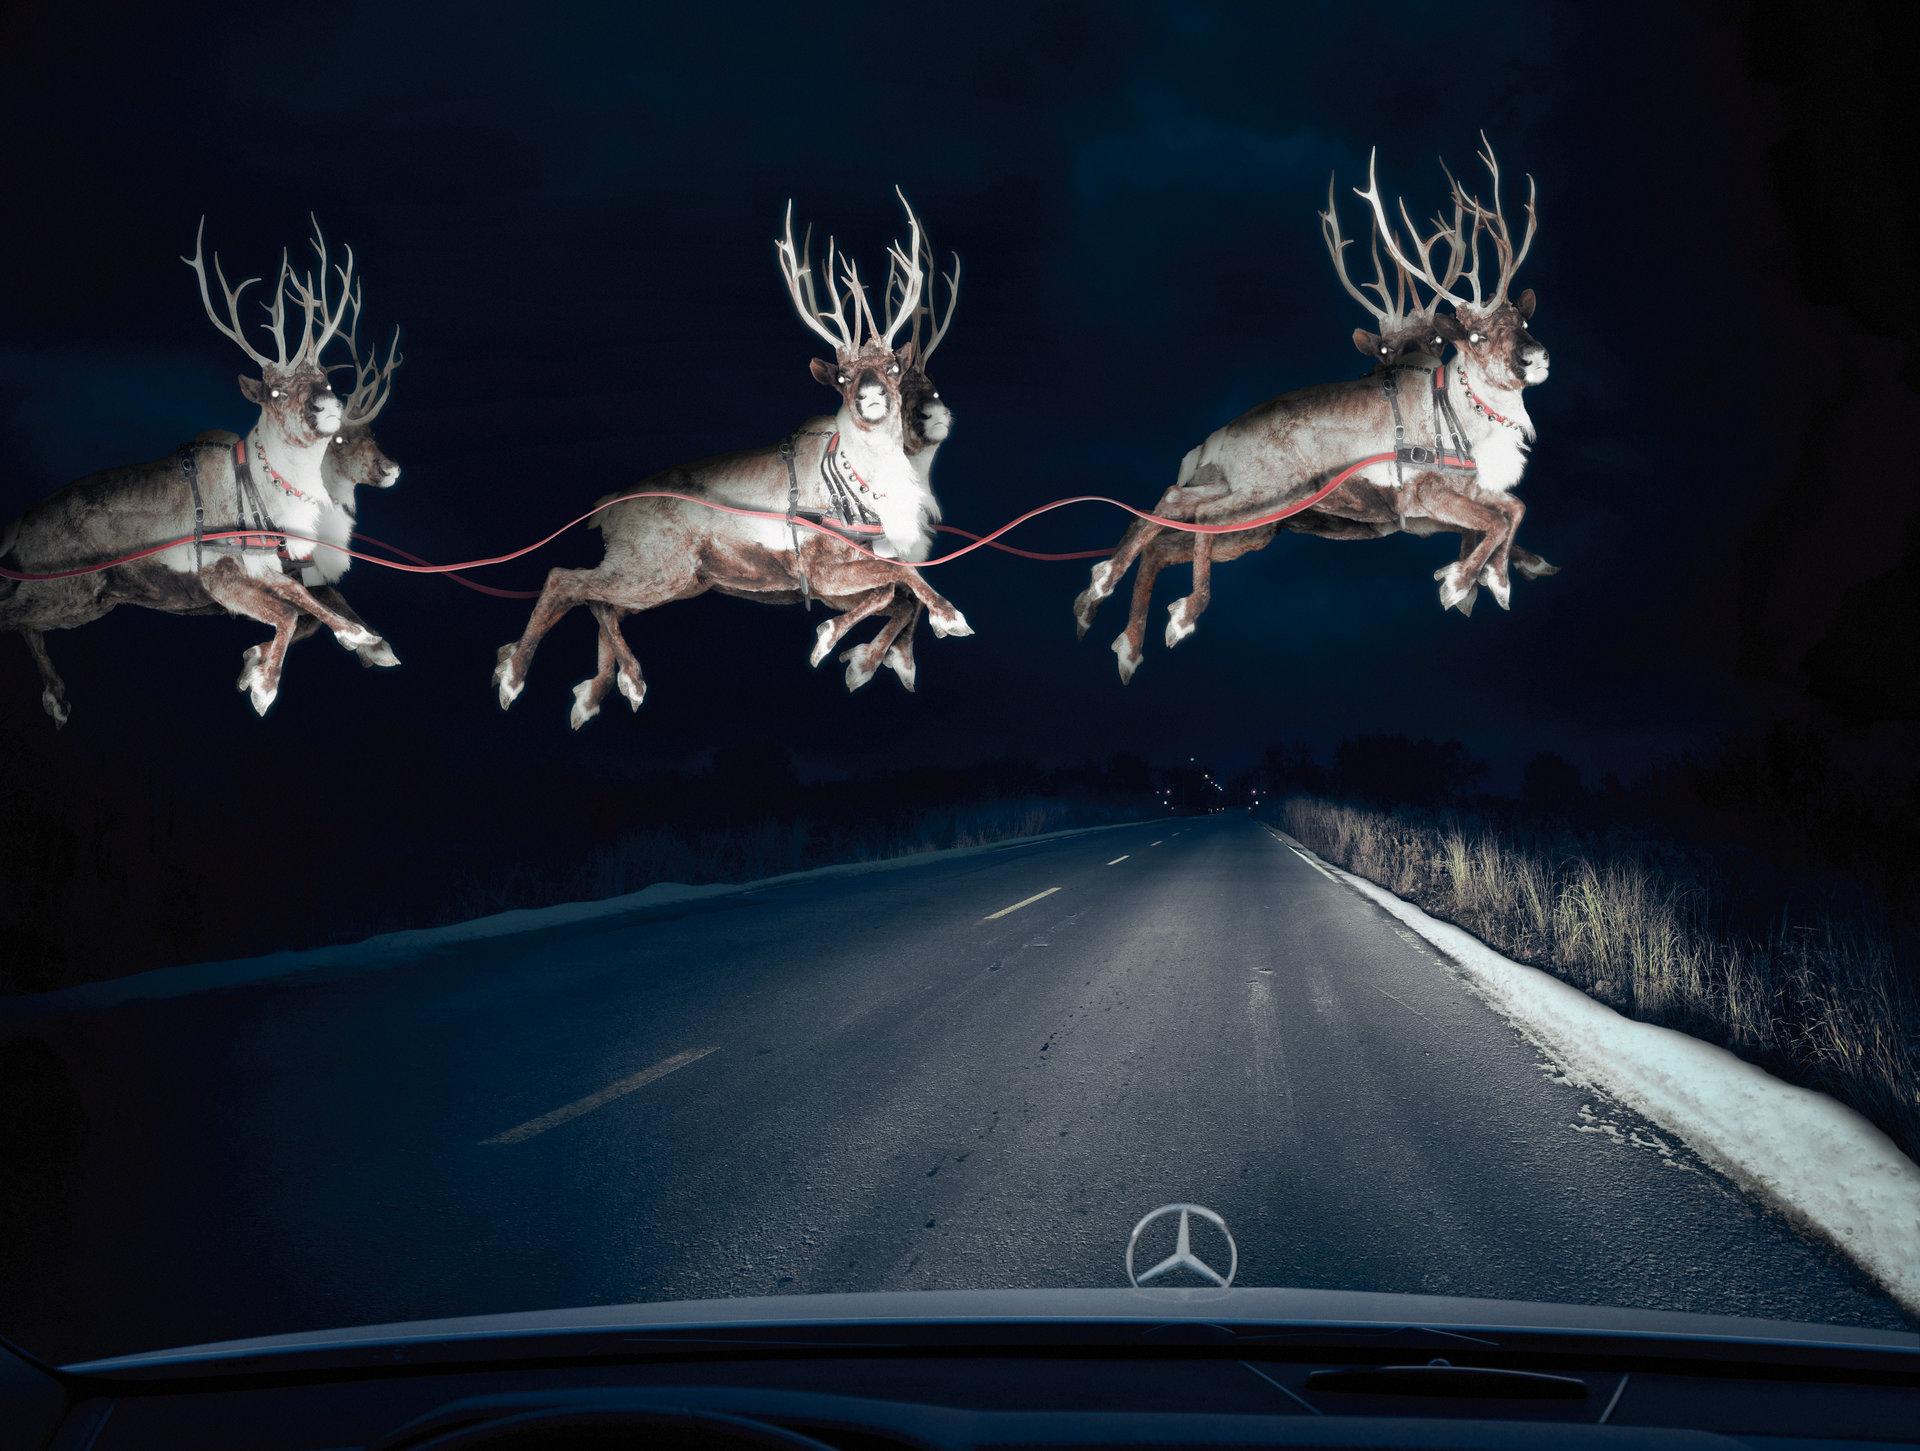 Реклама на новый год фото 16 фотография